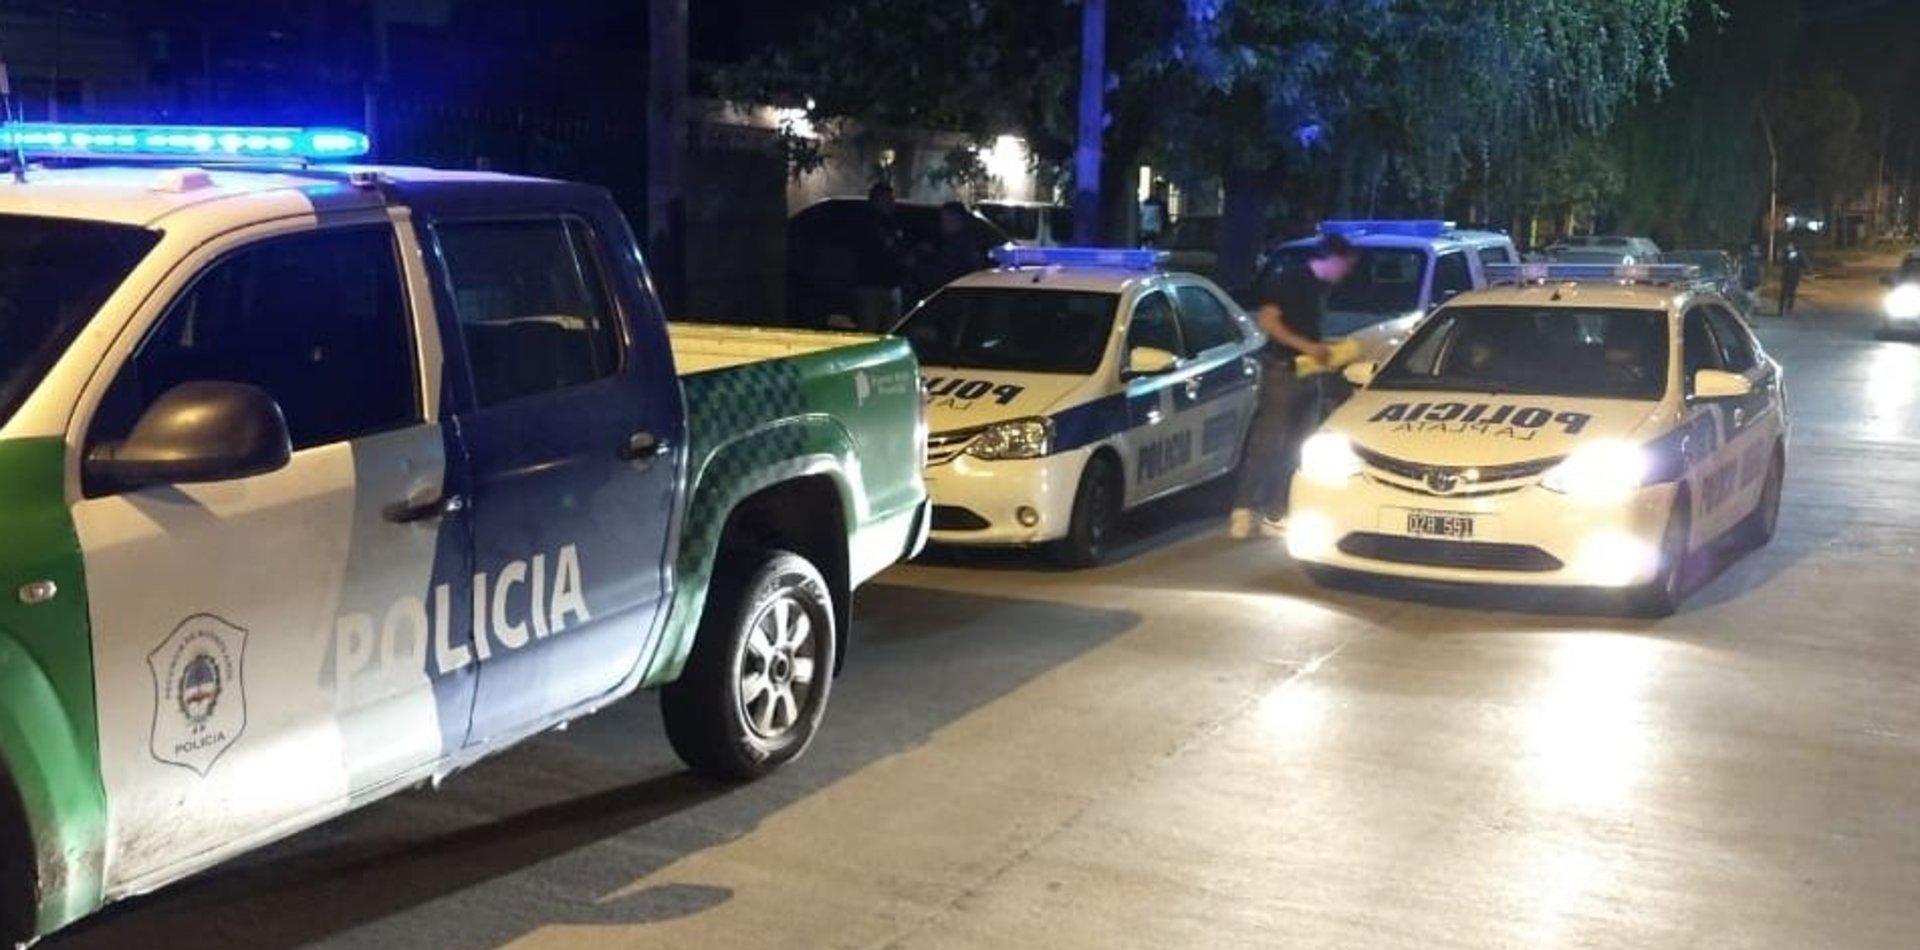 Intento de robo y tiros en El Mondongo: un policía frustró un asalto en plena calle